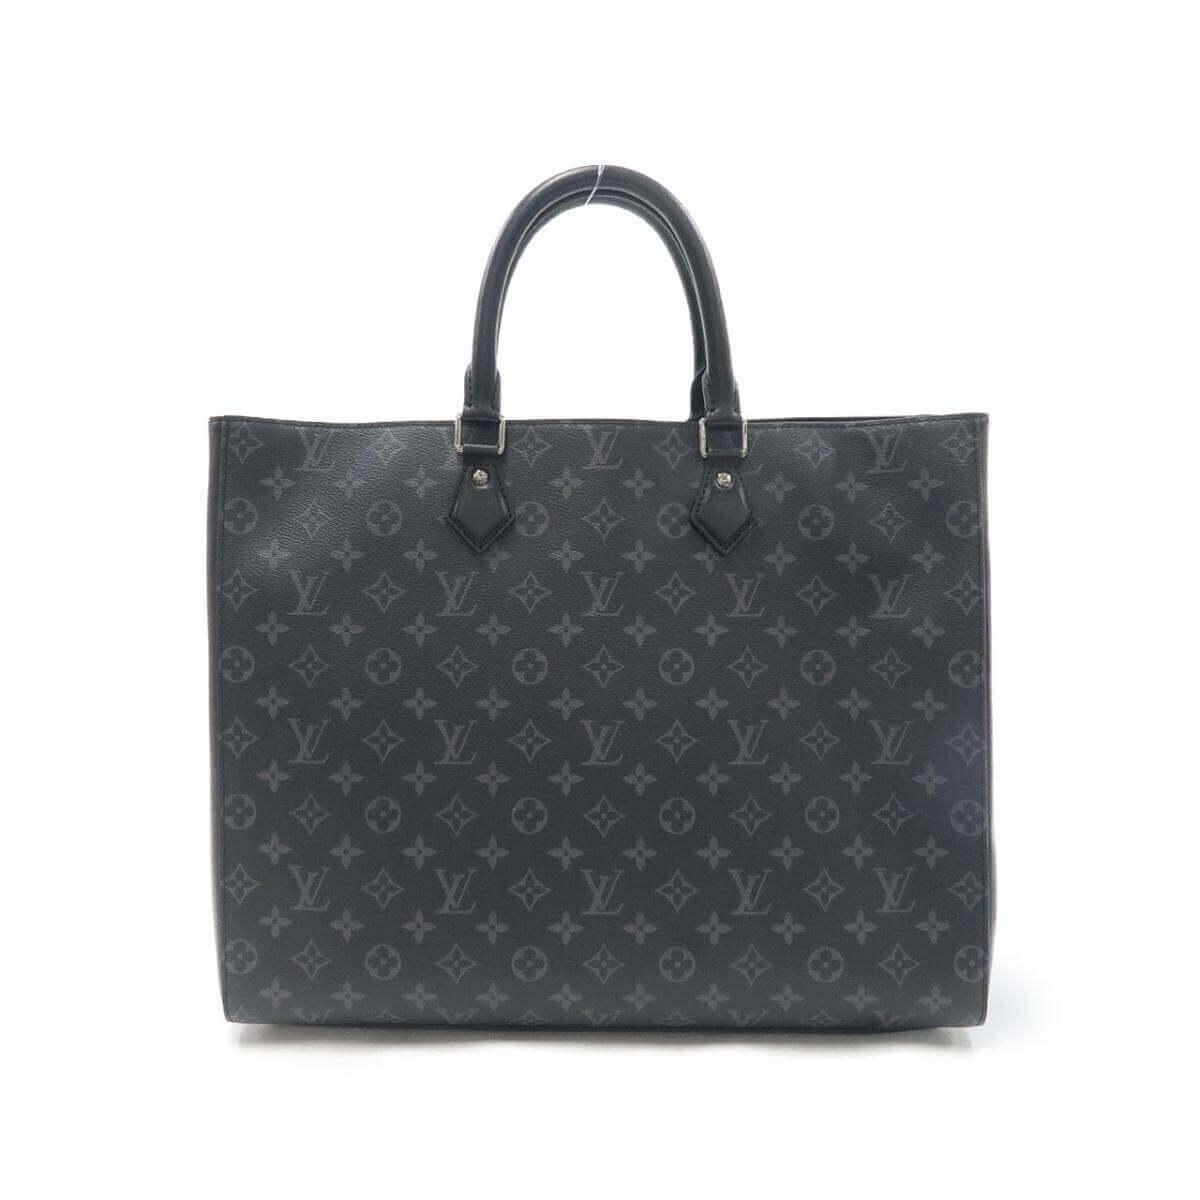 ルイヴィトンの黒のビジネスバッグ